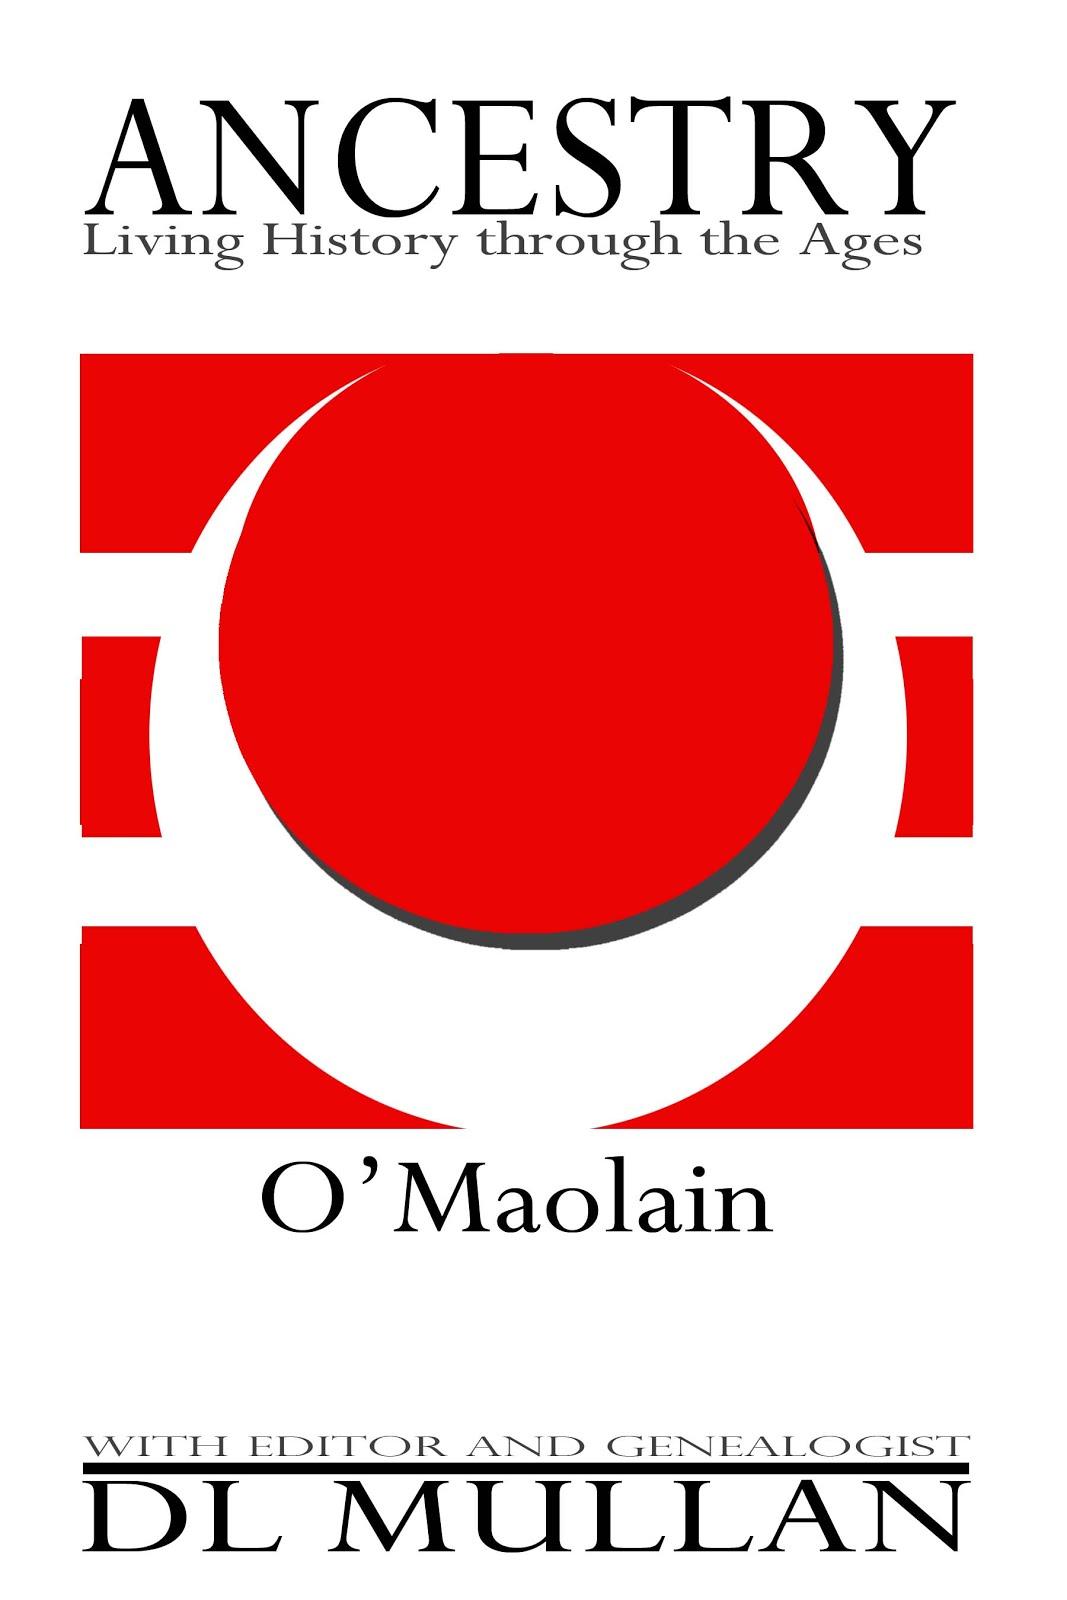 O'Maolain